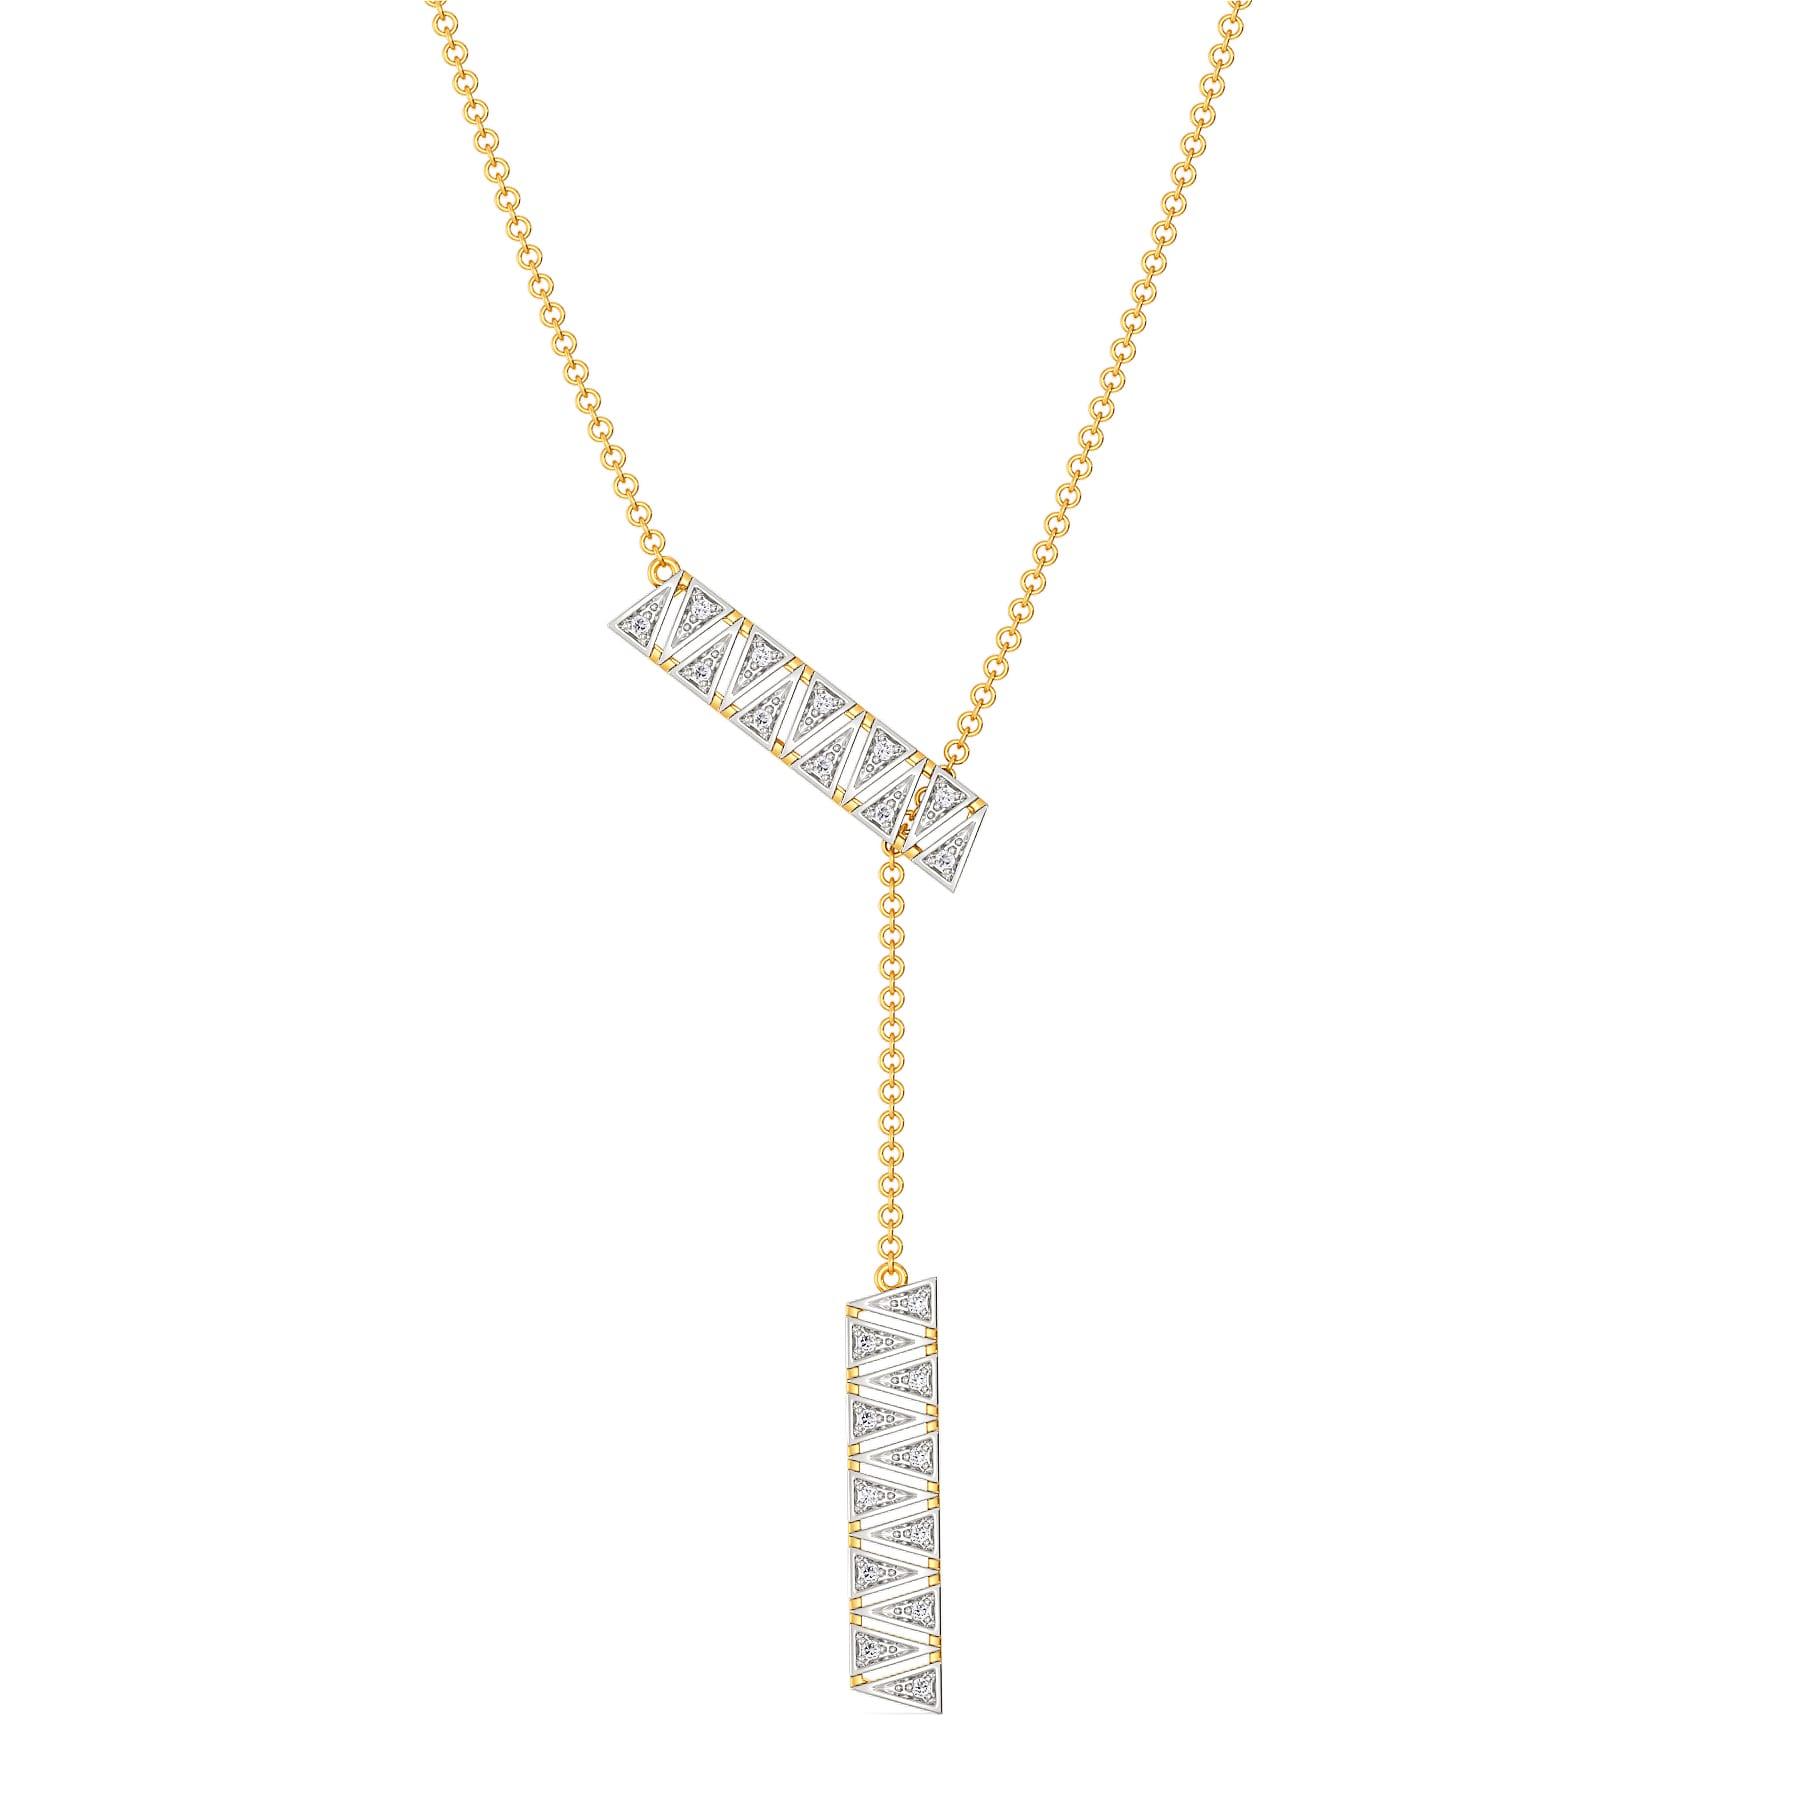 Pro Power Diamond Necklaces